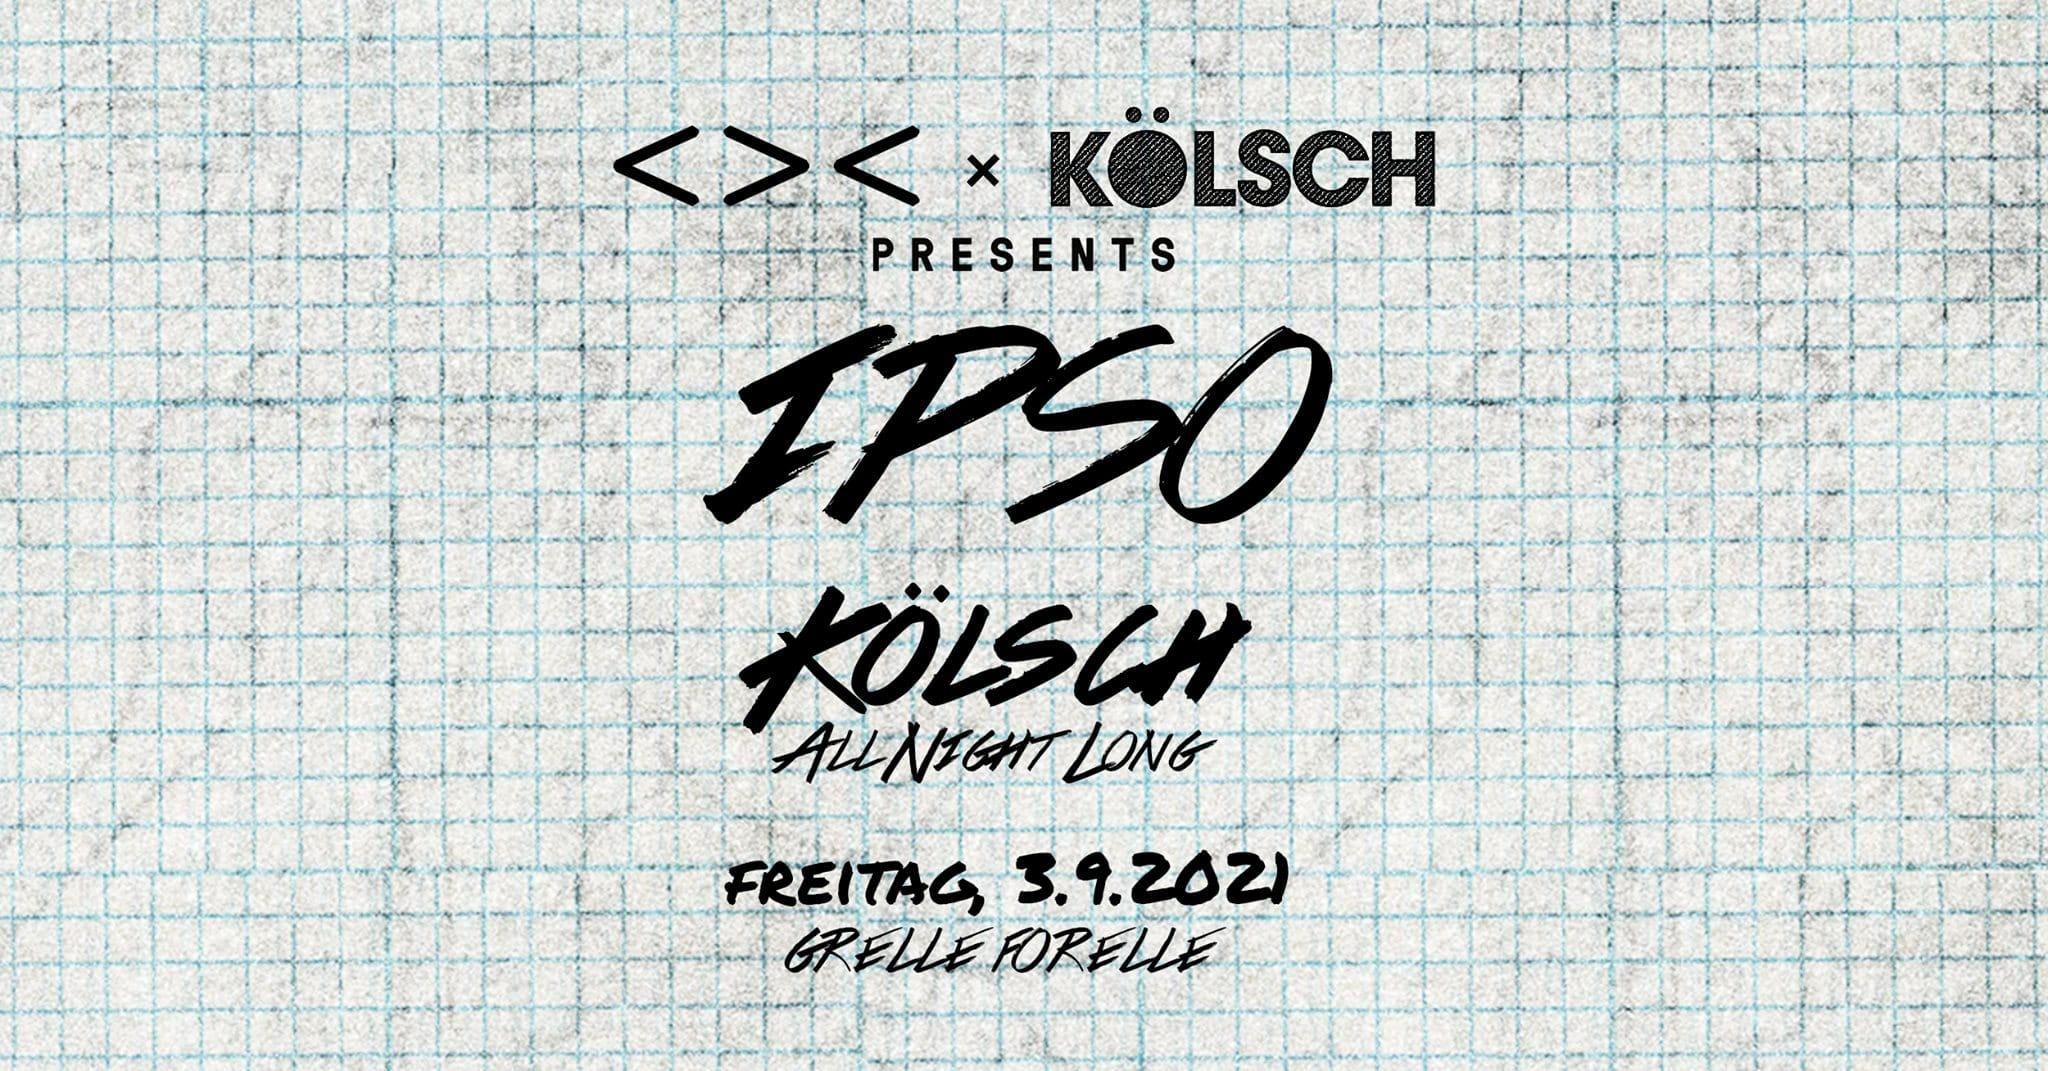 Events Wien: Kölsch All Night Long | IPSO Labelnight